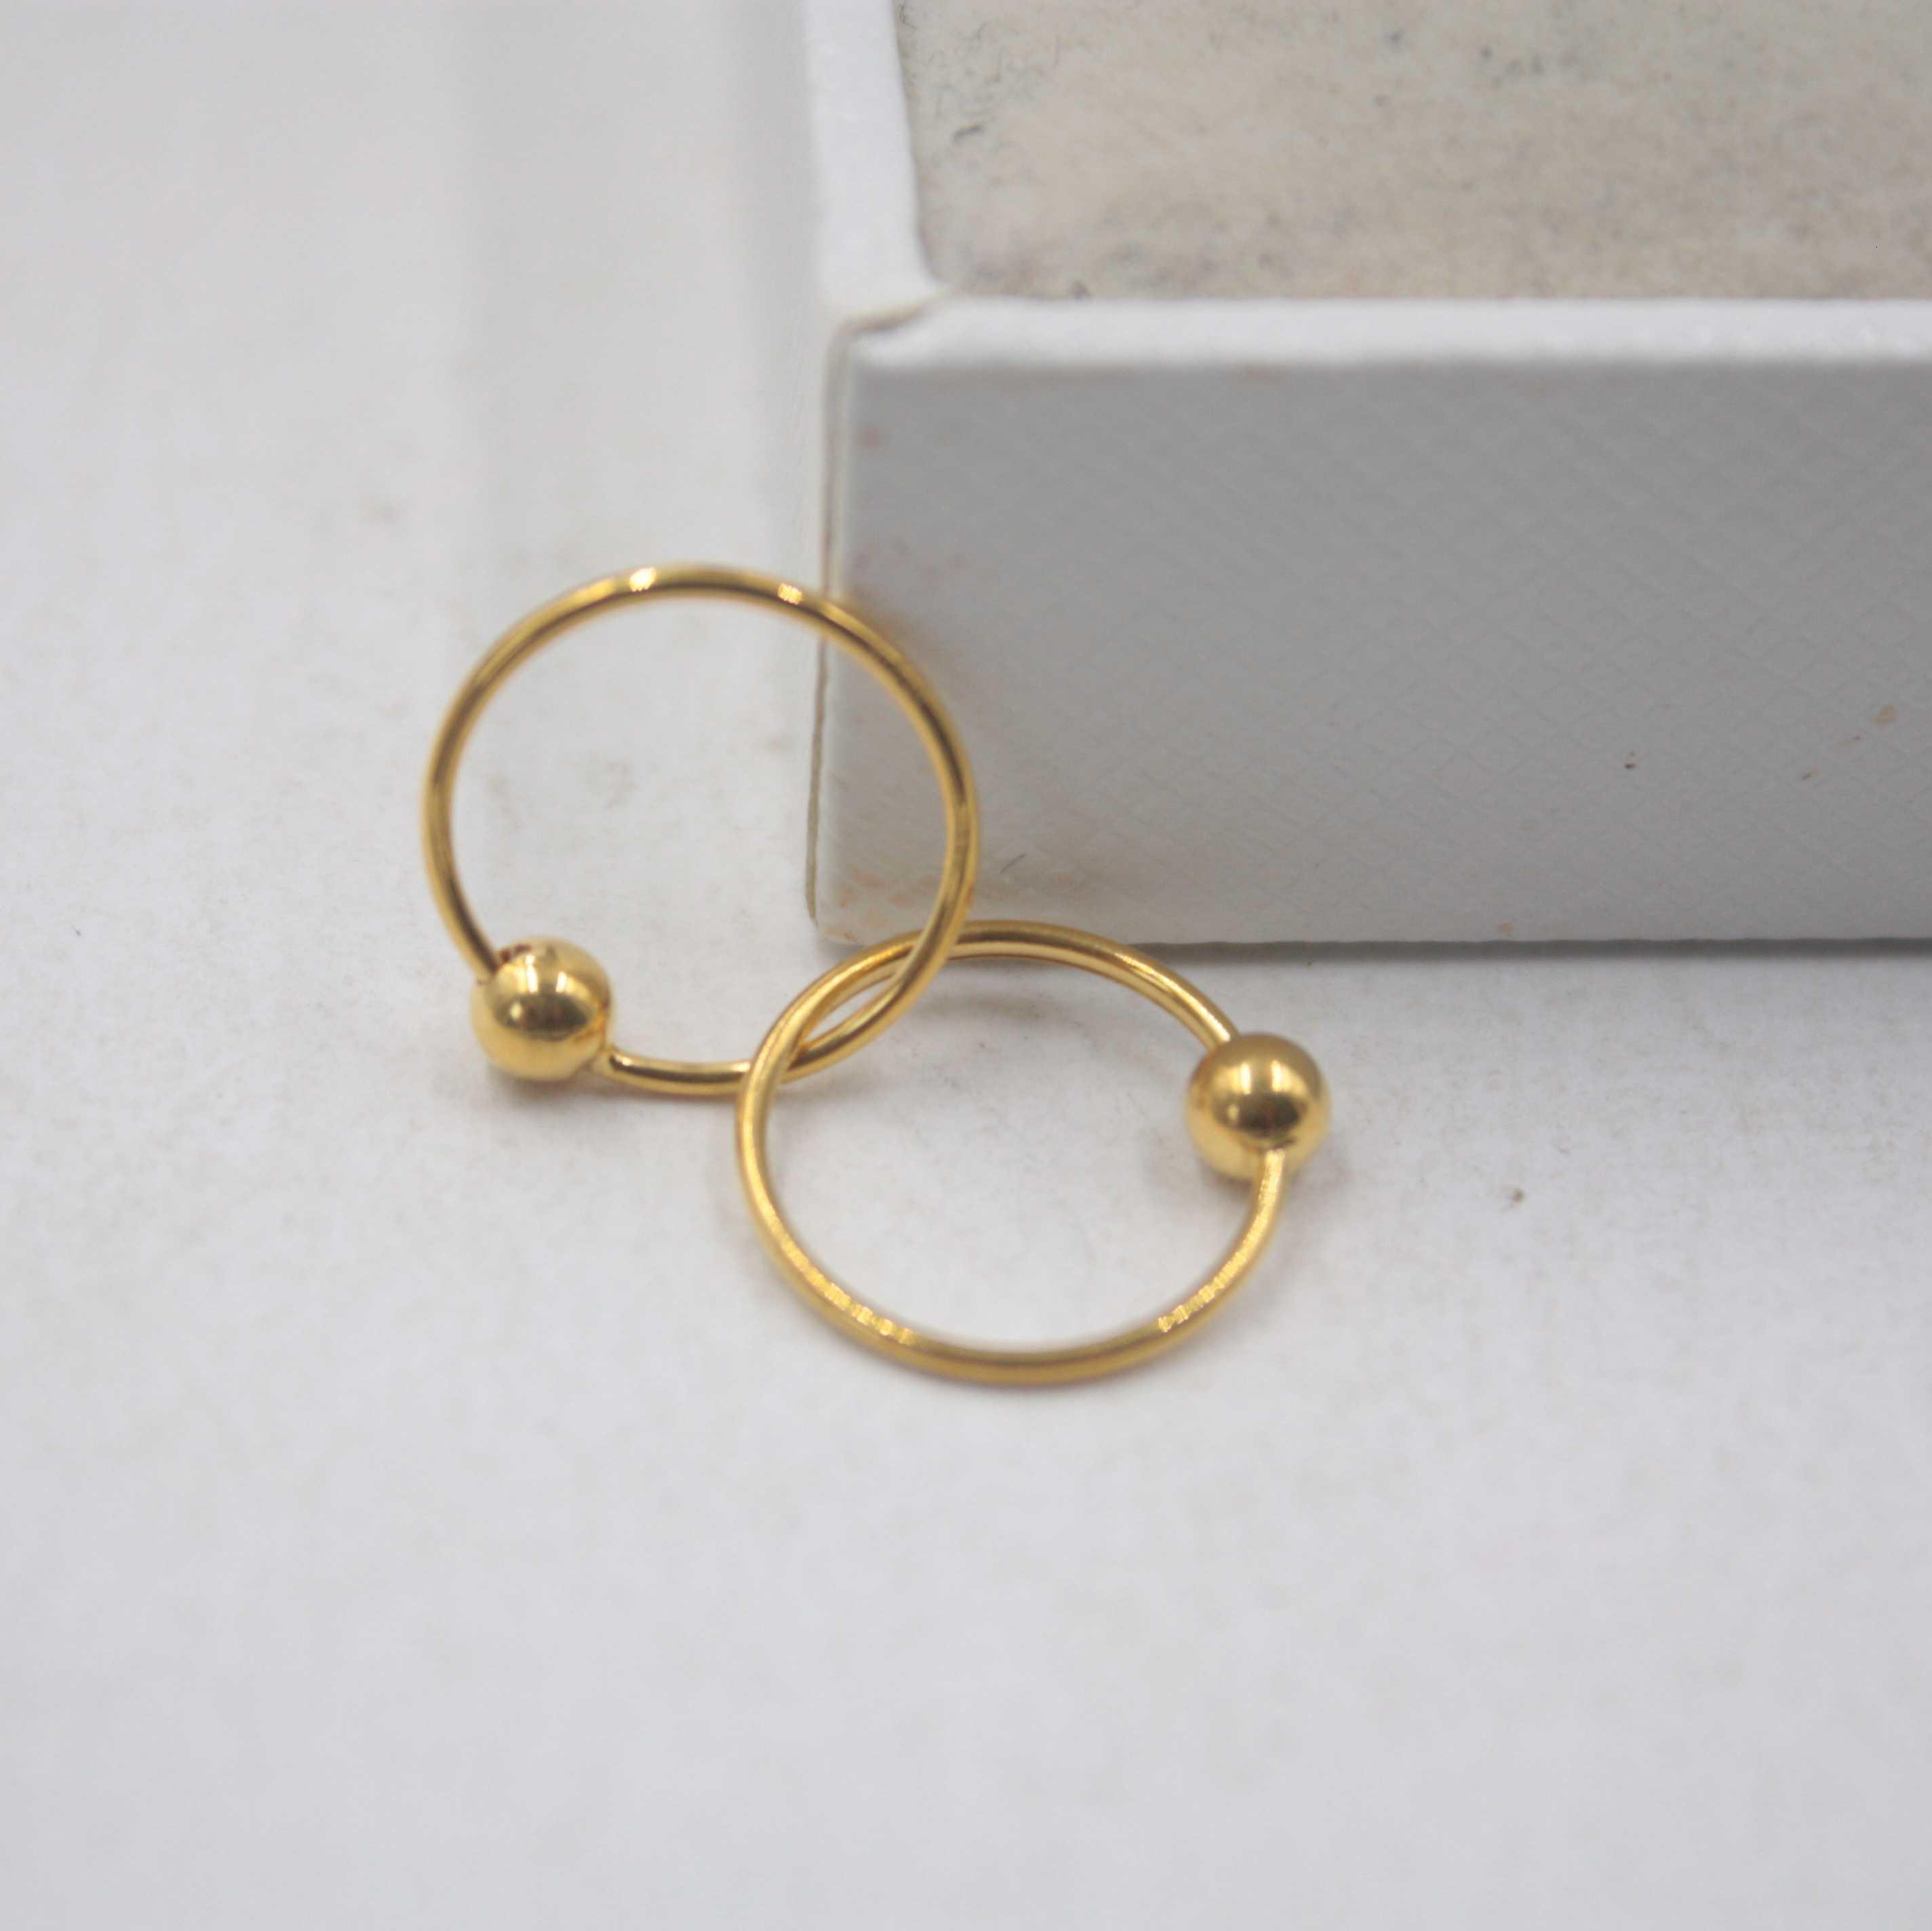 Reale oro giallo 18K orecchini liscio perfetto Bead Circle donna fortunata del cerchio 12mmDia orecchini gioielli CJ191203